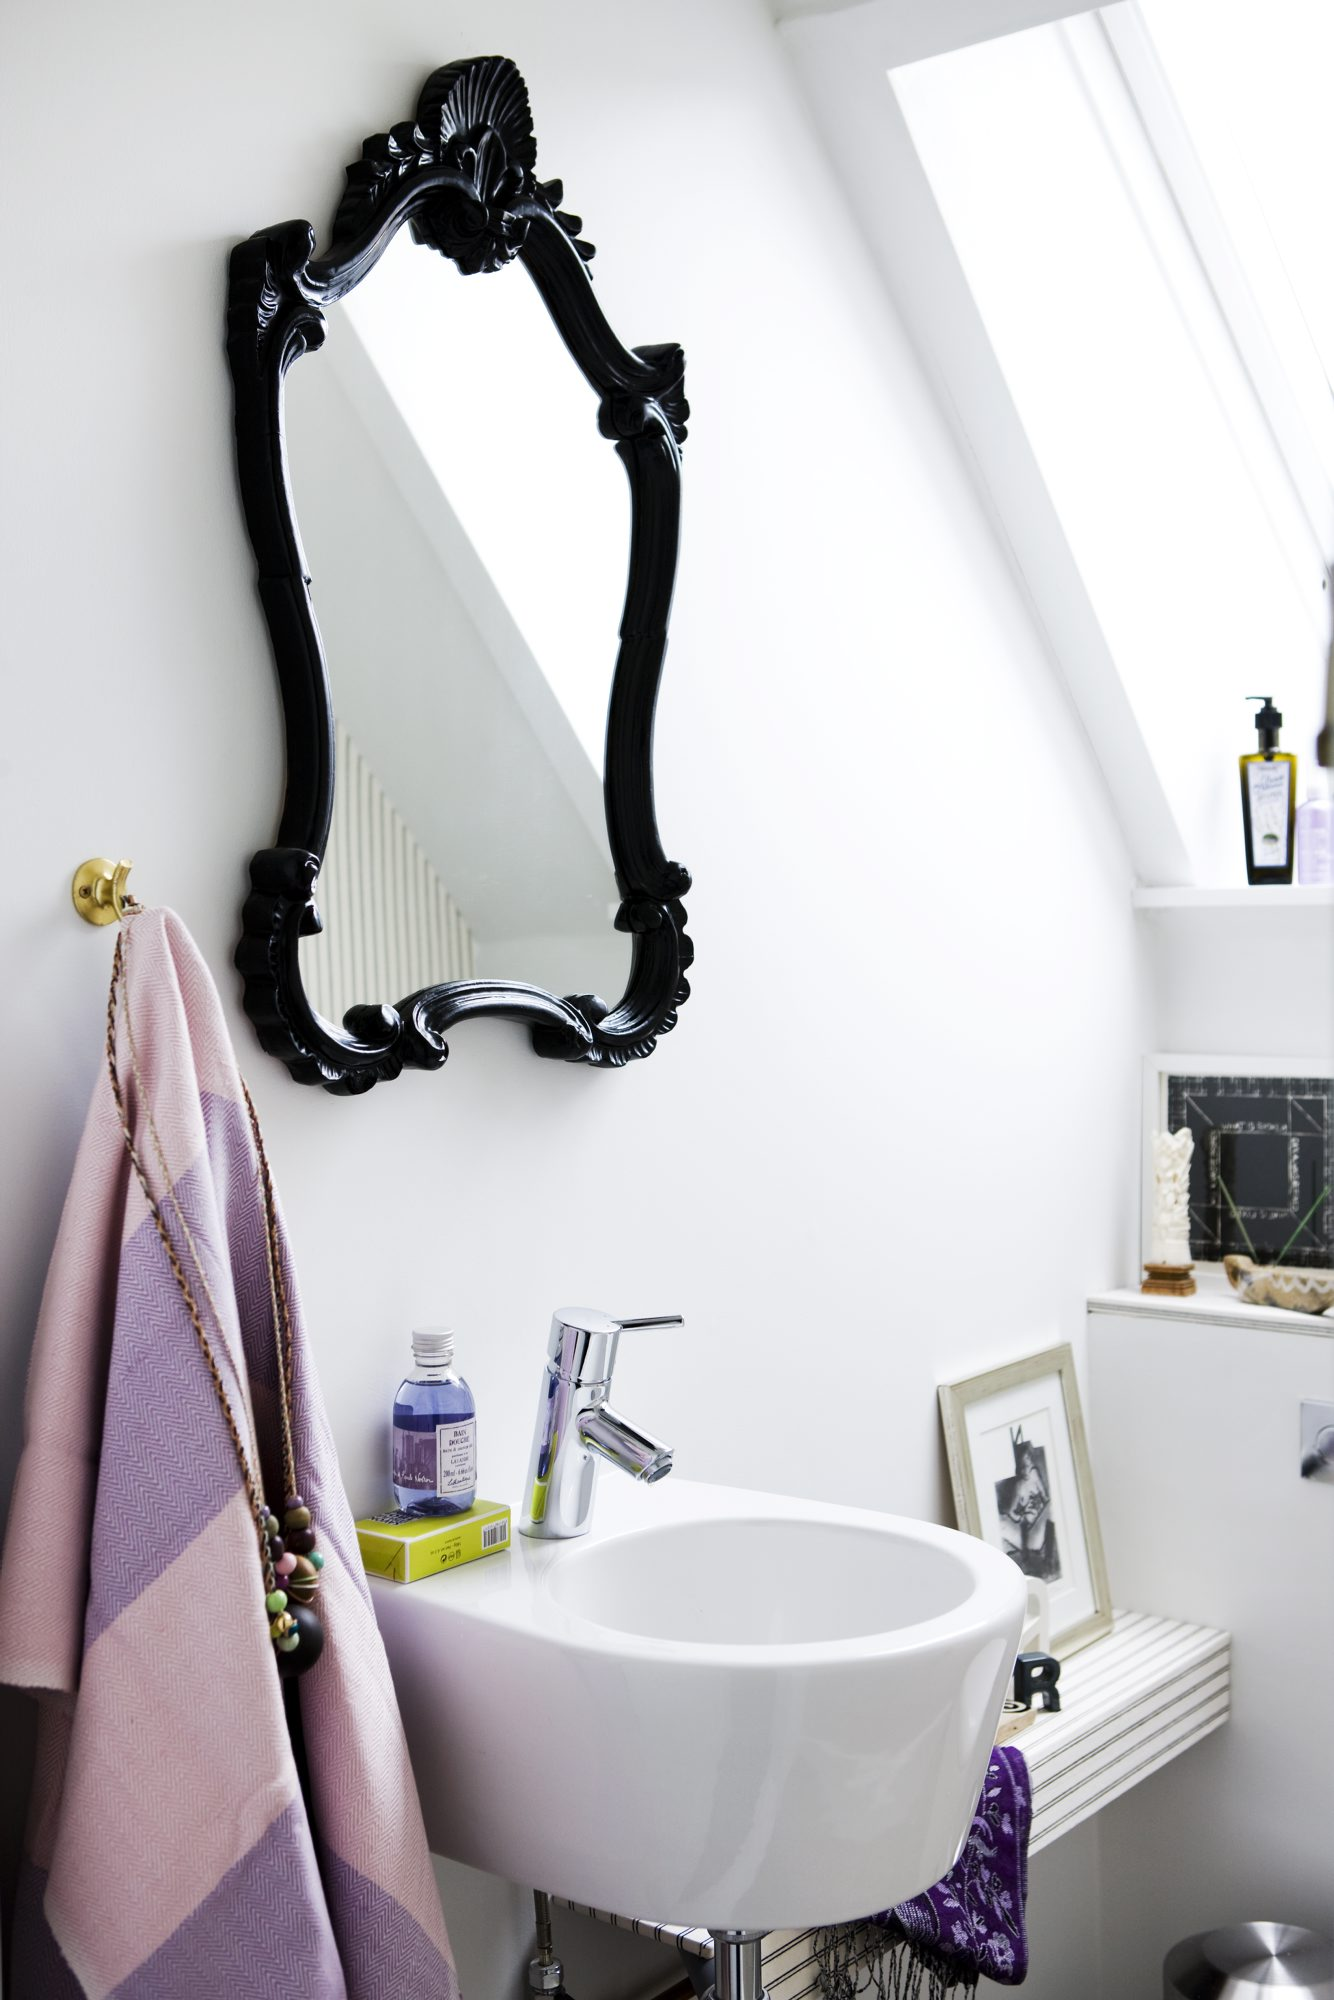 BRUKTFUNN: Speilet er funnet på et loppemarked, og rammen er malt svart. FOTO: Tia Borgsmidt